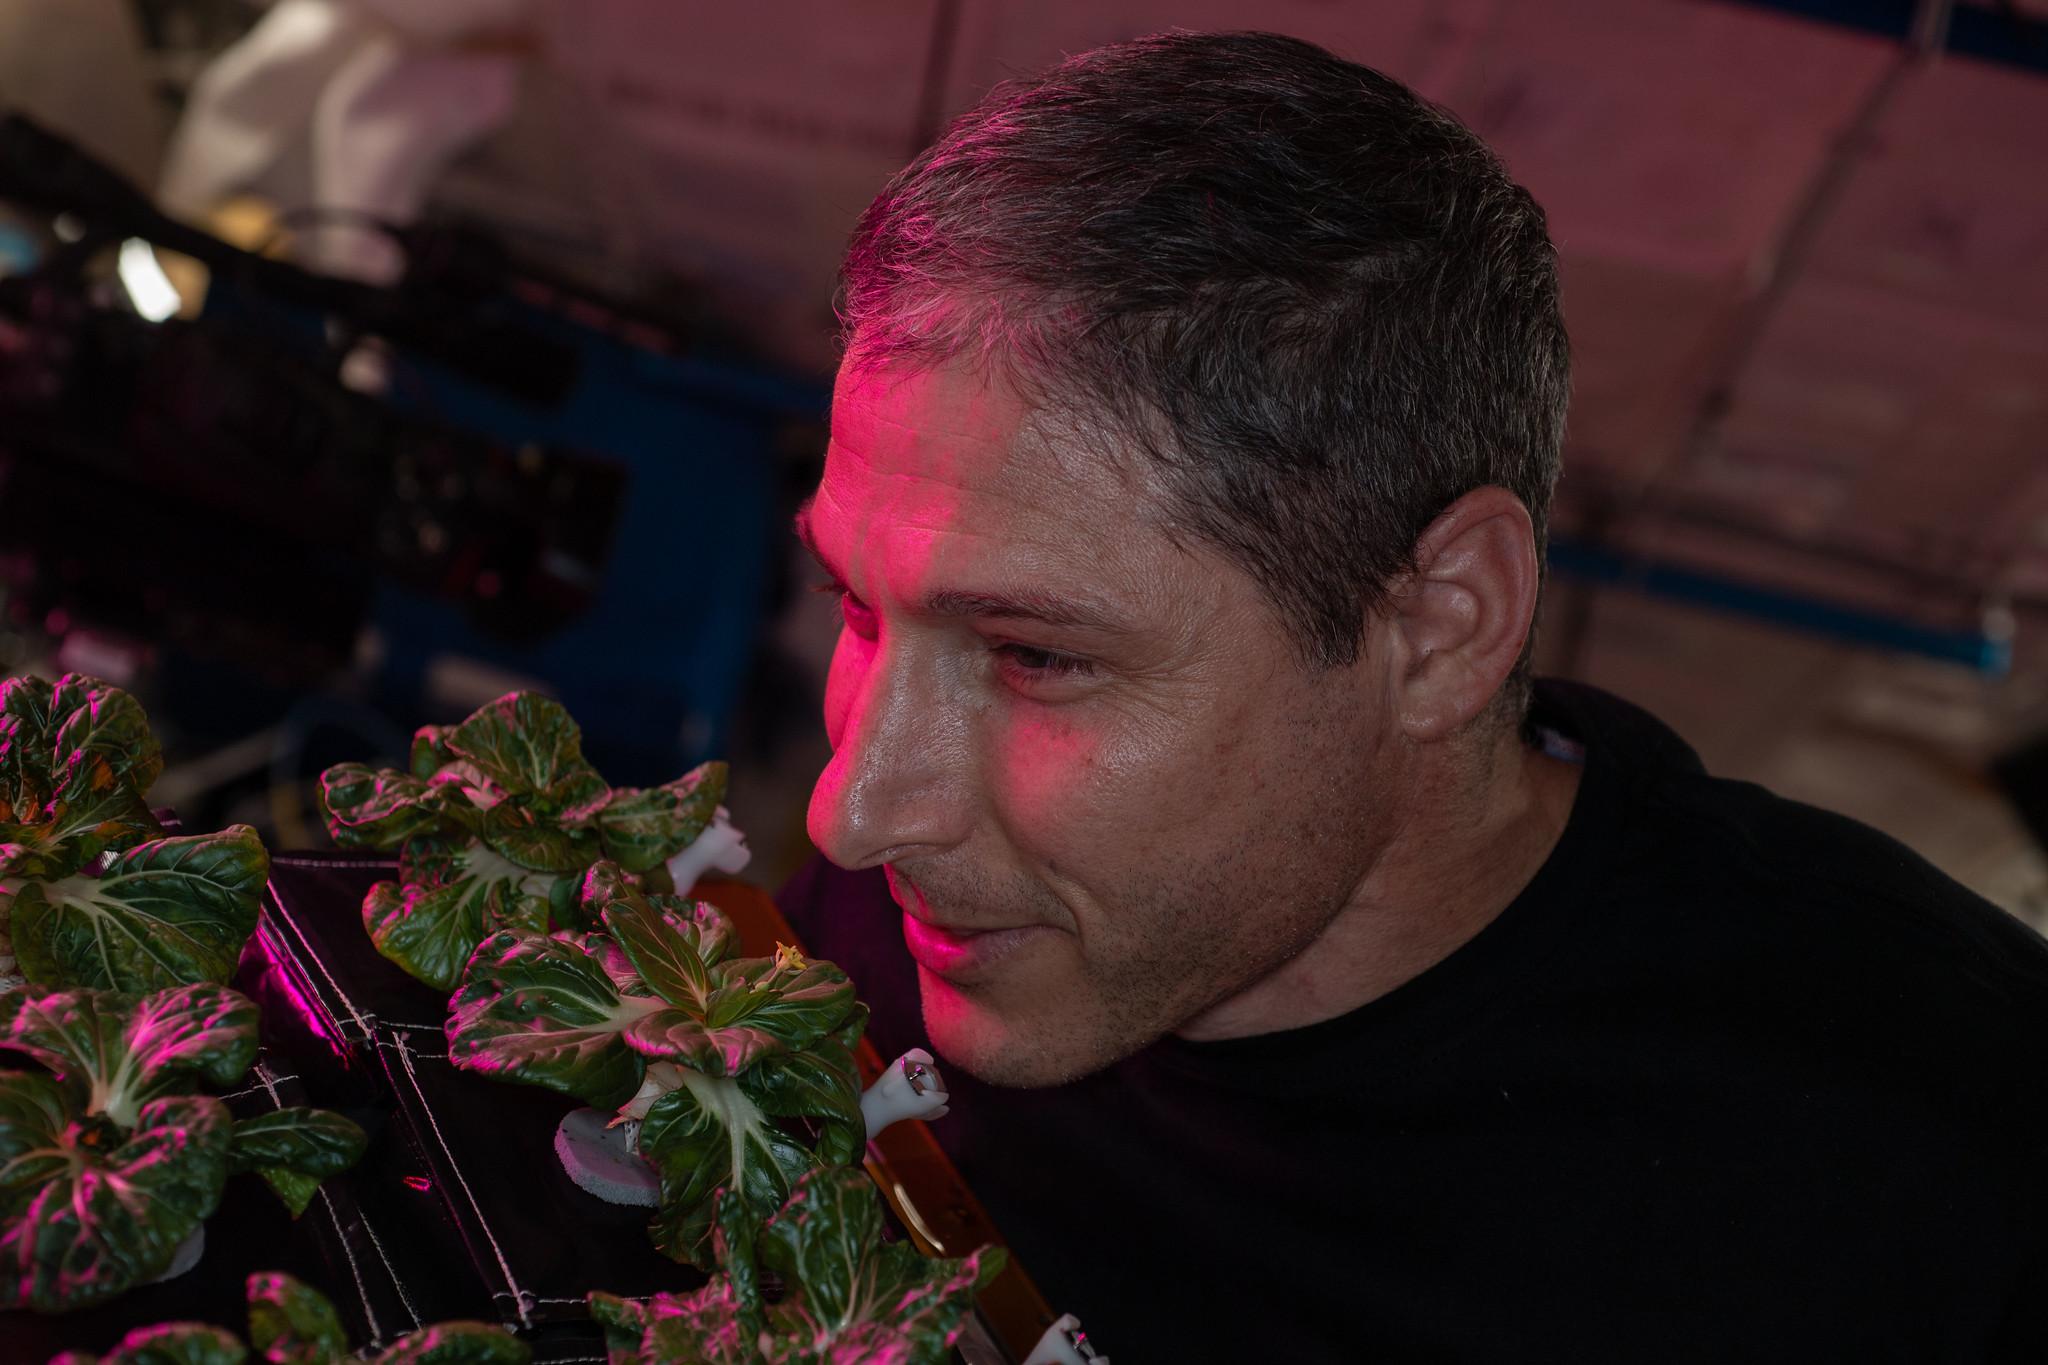 L'astronaute de la NASA Mike Hopkins sent les plantes poussant à bord de la Station spatiale internationale.